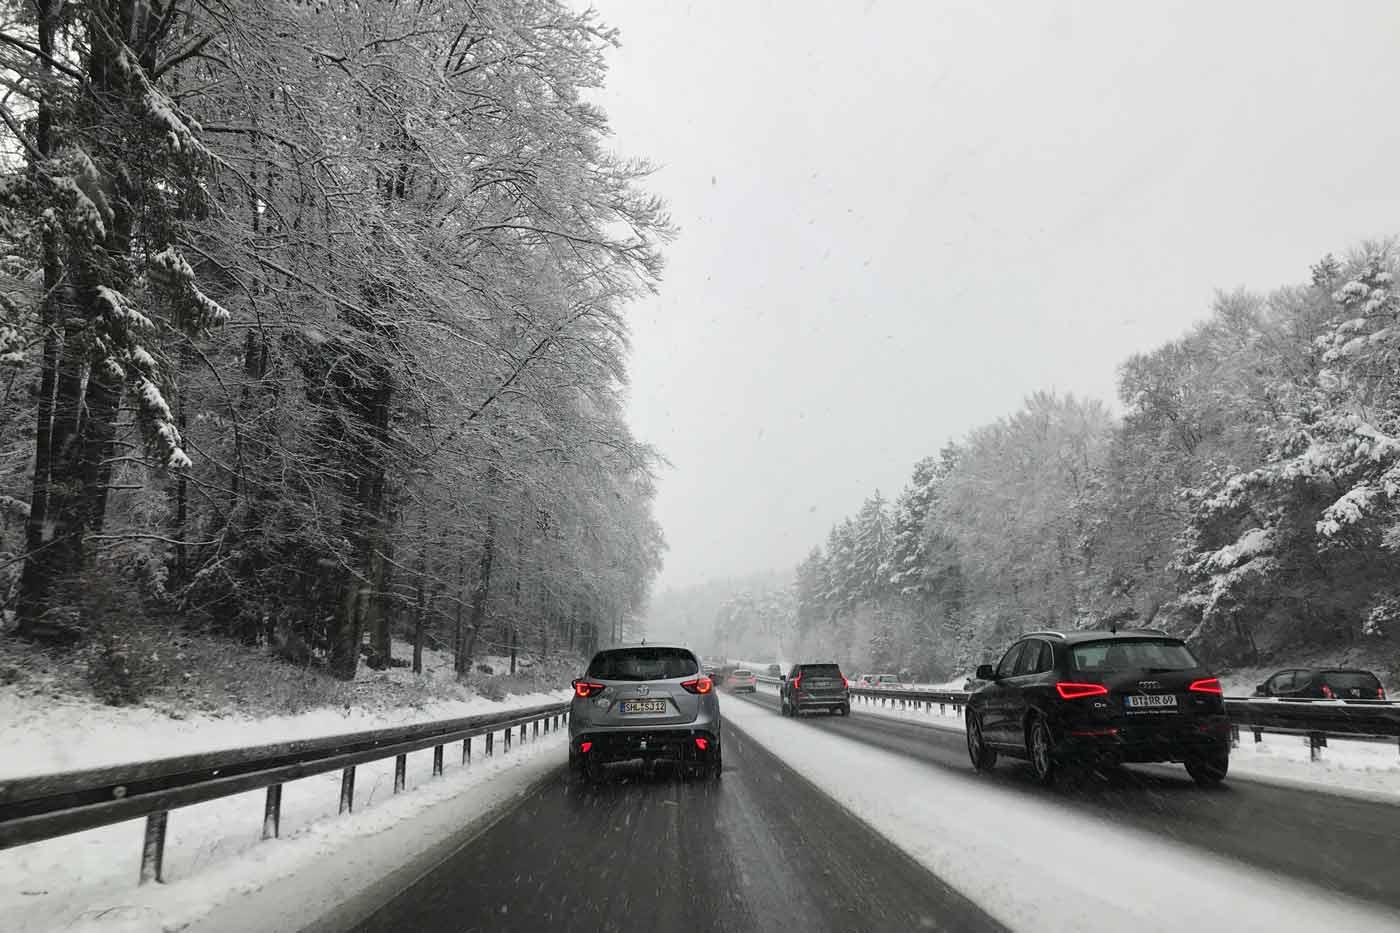 Winterbanden verplicht in Oostenrijk tijdens winterse omstandigheden